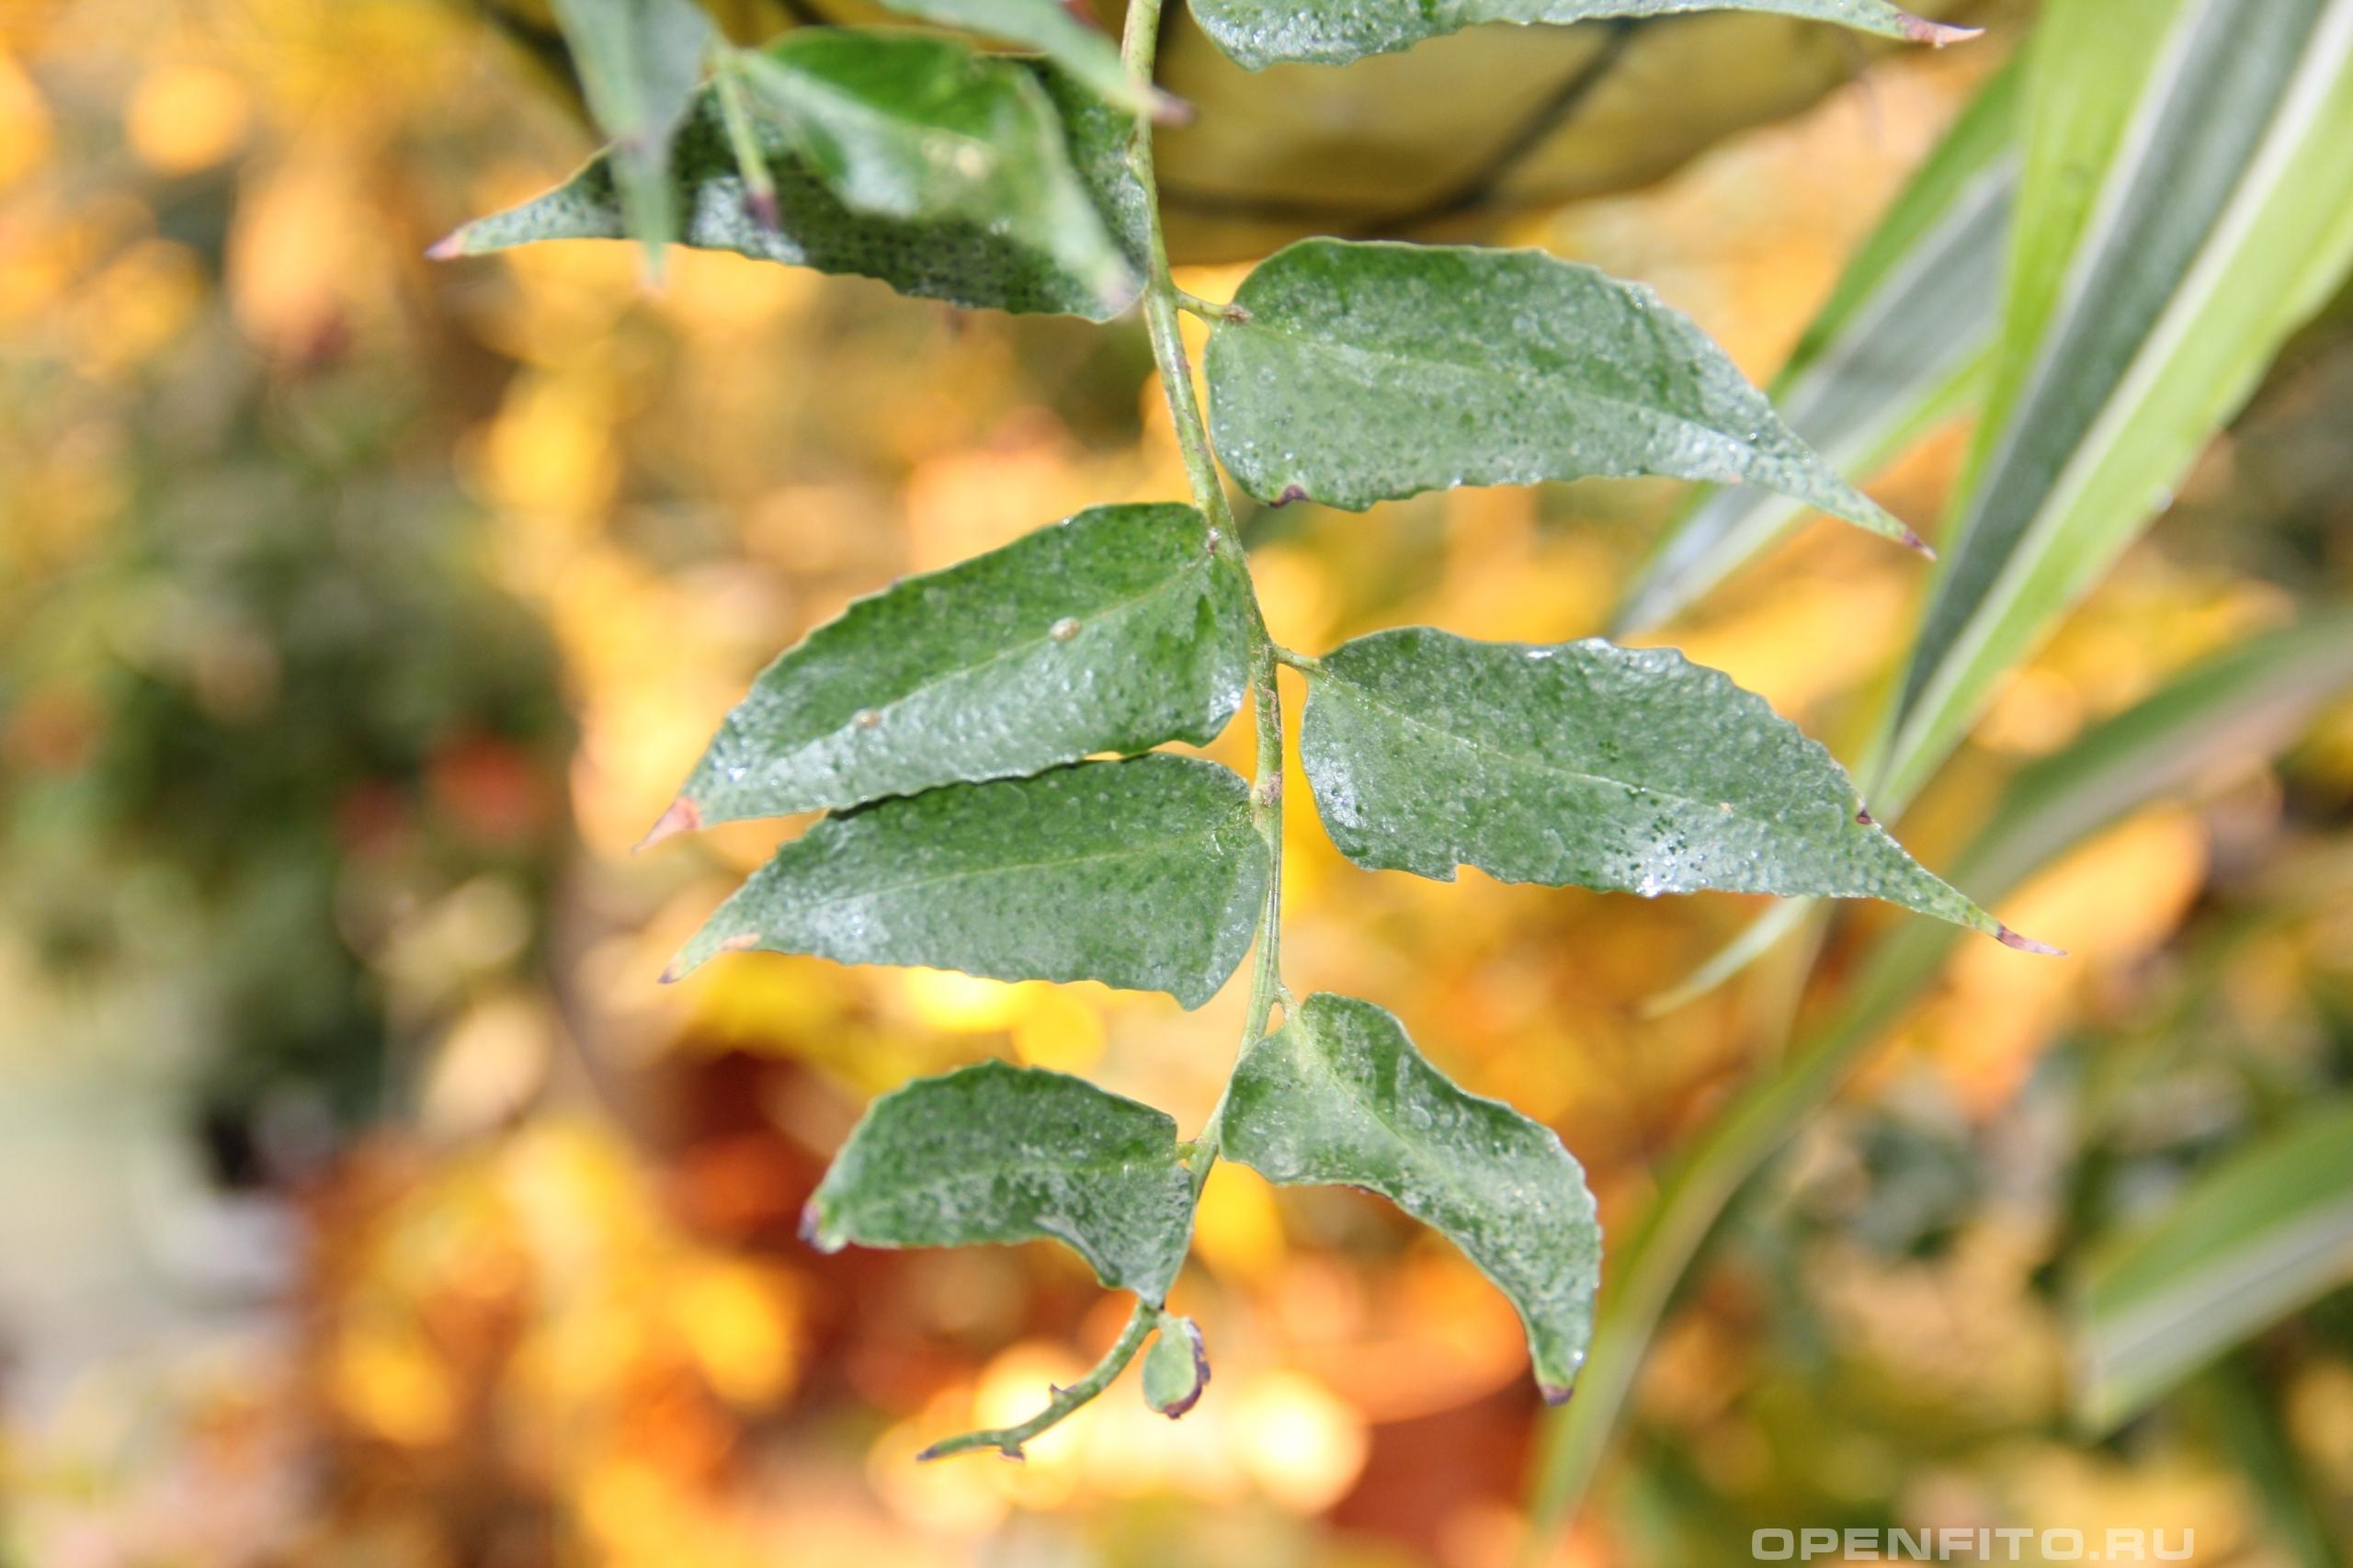 Циртомиум серповидный лист